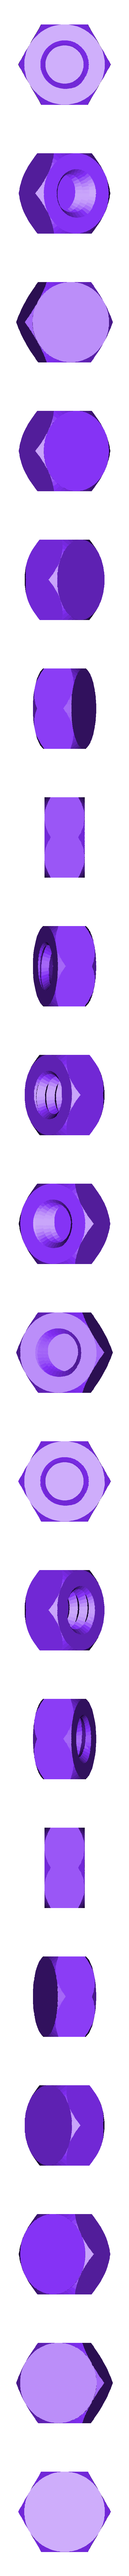 mutter.stl Download free STL file Column Buckling (Euler Buckling) • 3D printable object, medmakes